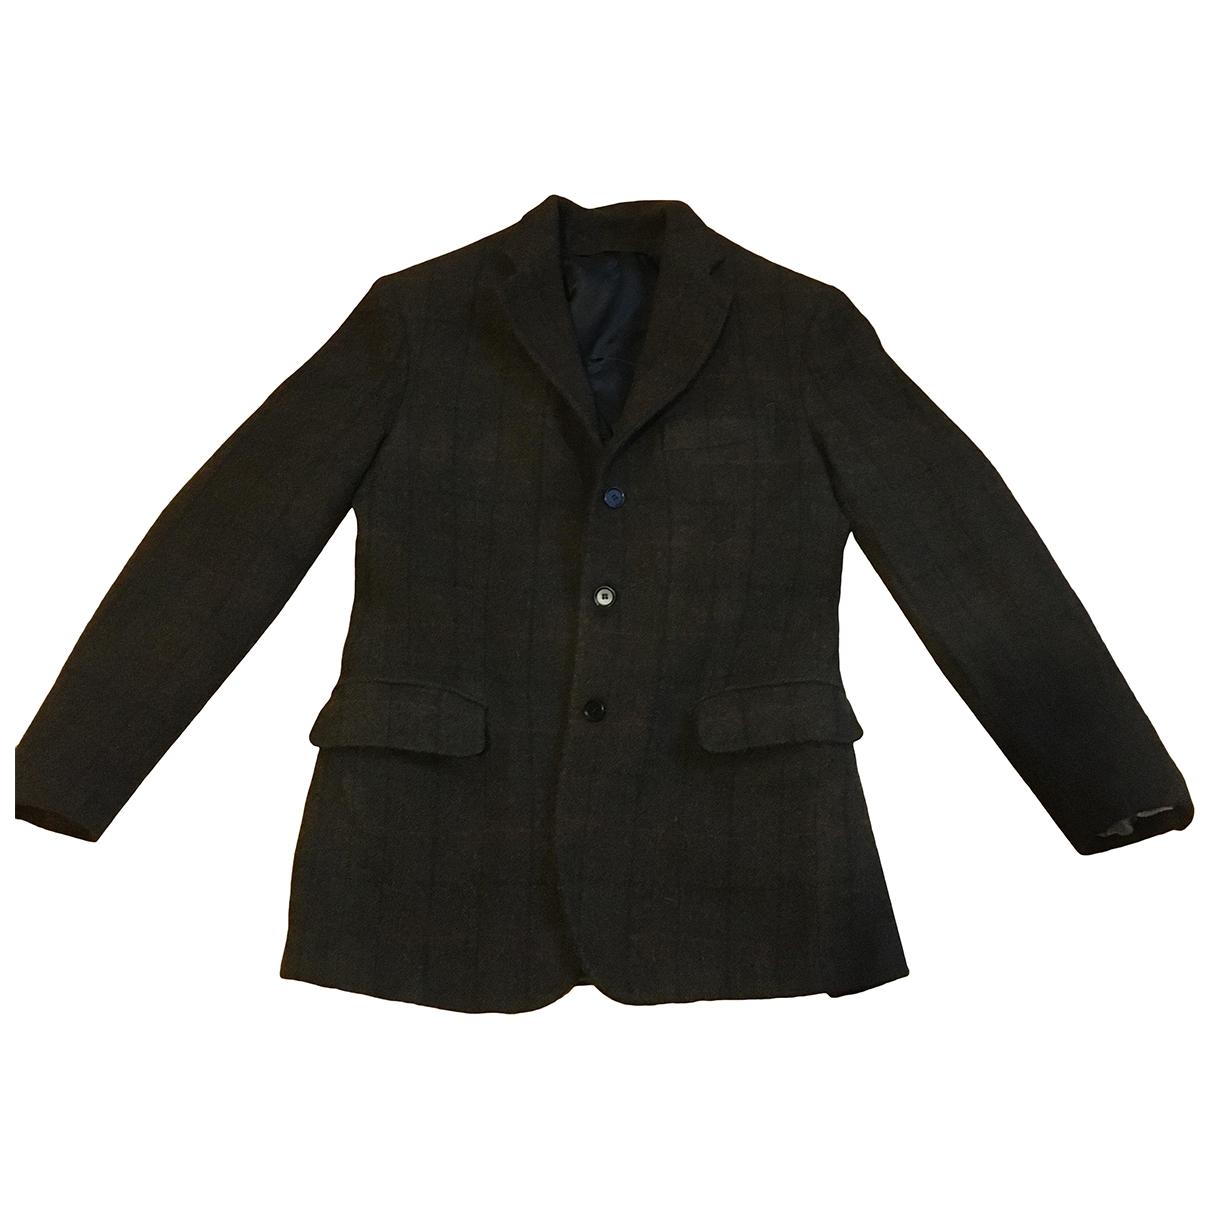 Aspesi \N Brown Wool jacket  for Men 46 IT